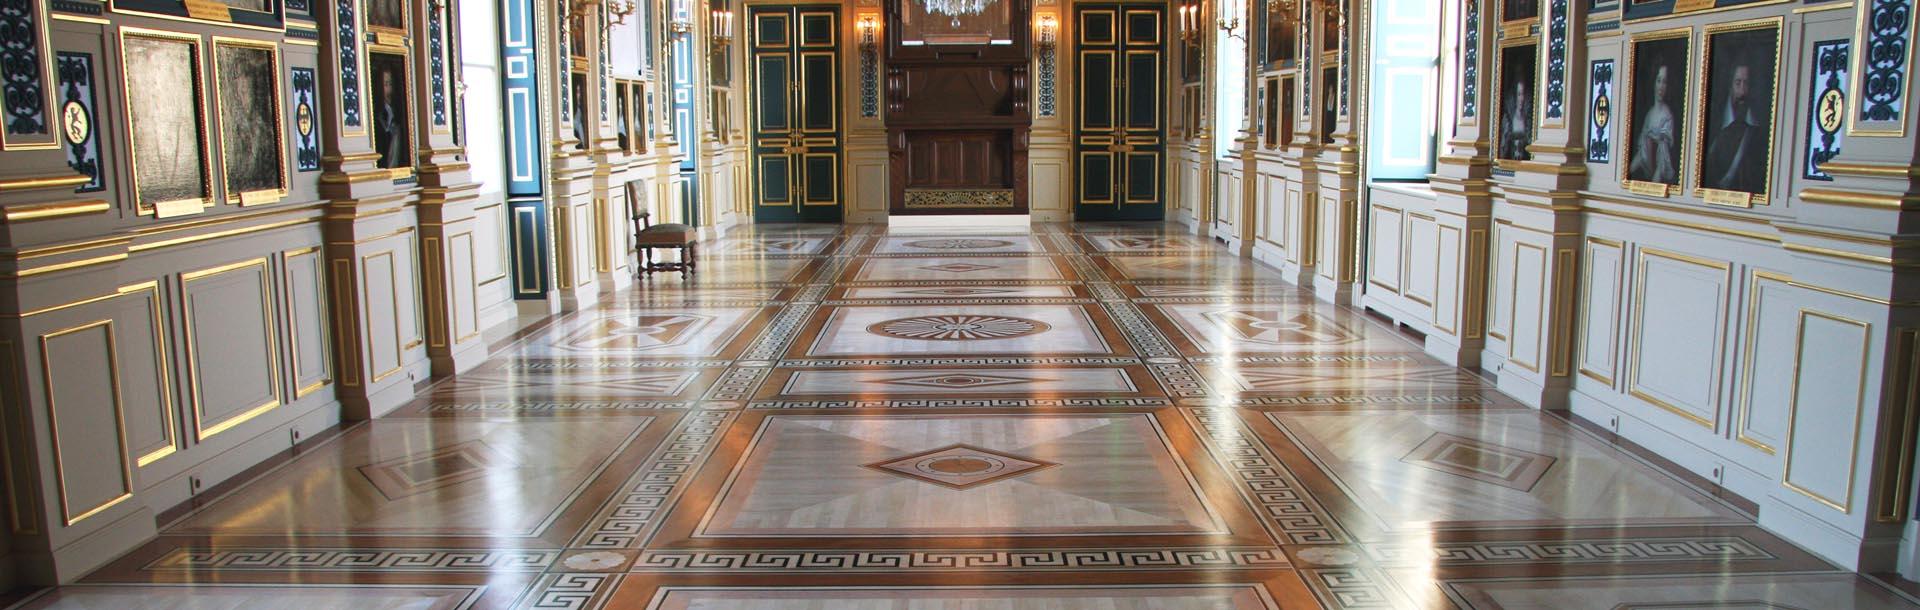 Restauration-des-lambris-et-du-parquet-de-la-Galerie-de-Guise-Chateau-dEu